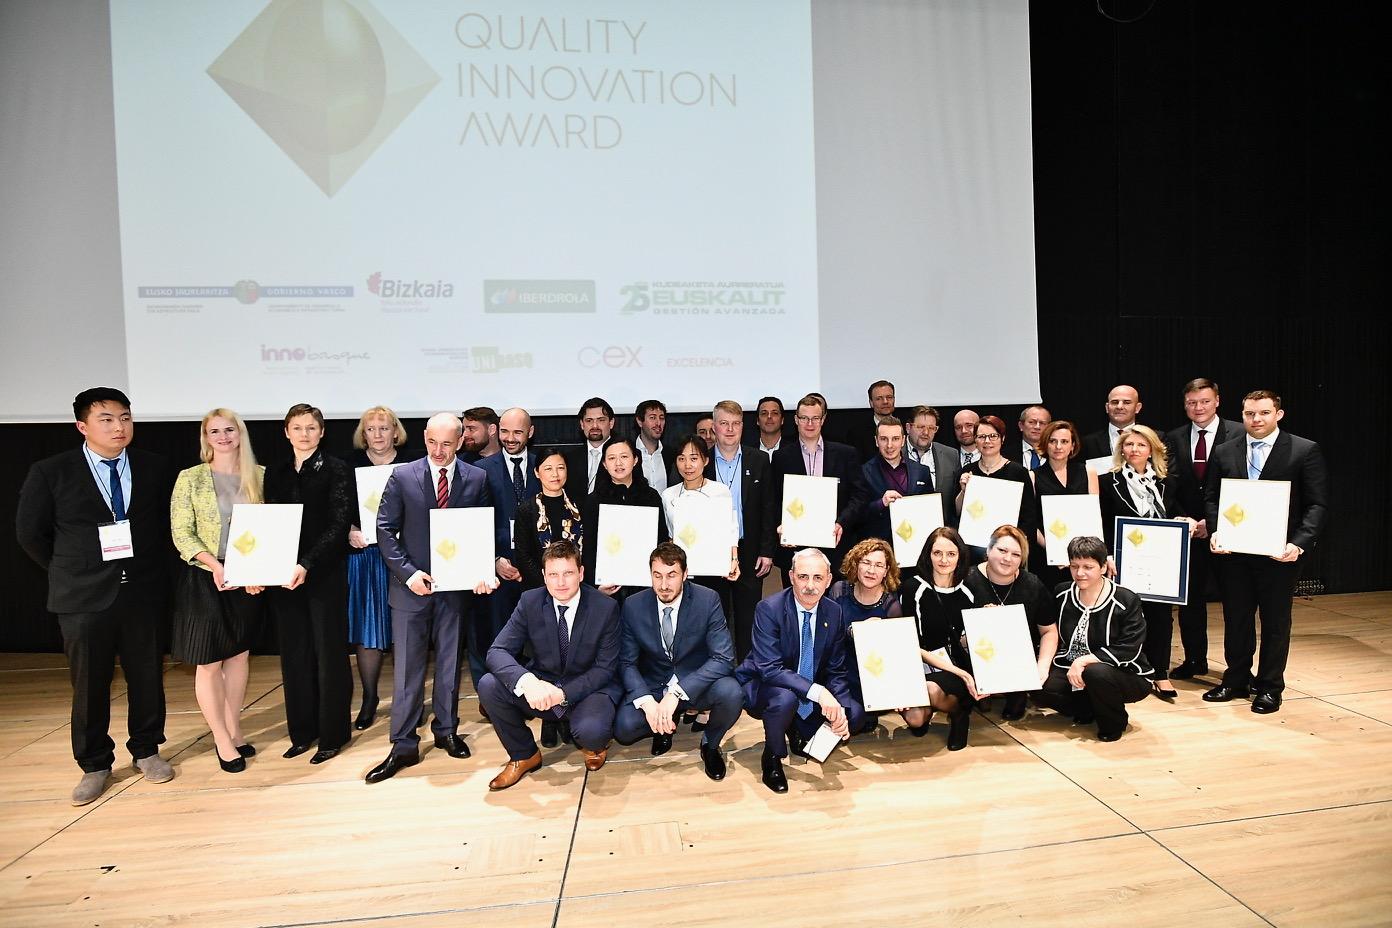 Cinco empresas españolas ganan los Quality Innovation Award al destacar sus innovaciones frente a las de 11 países